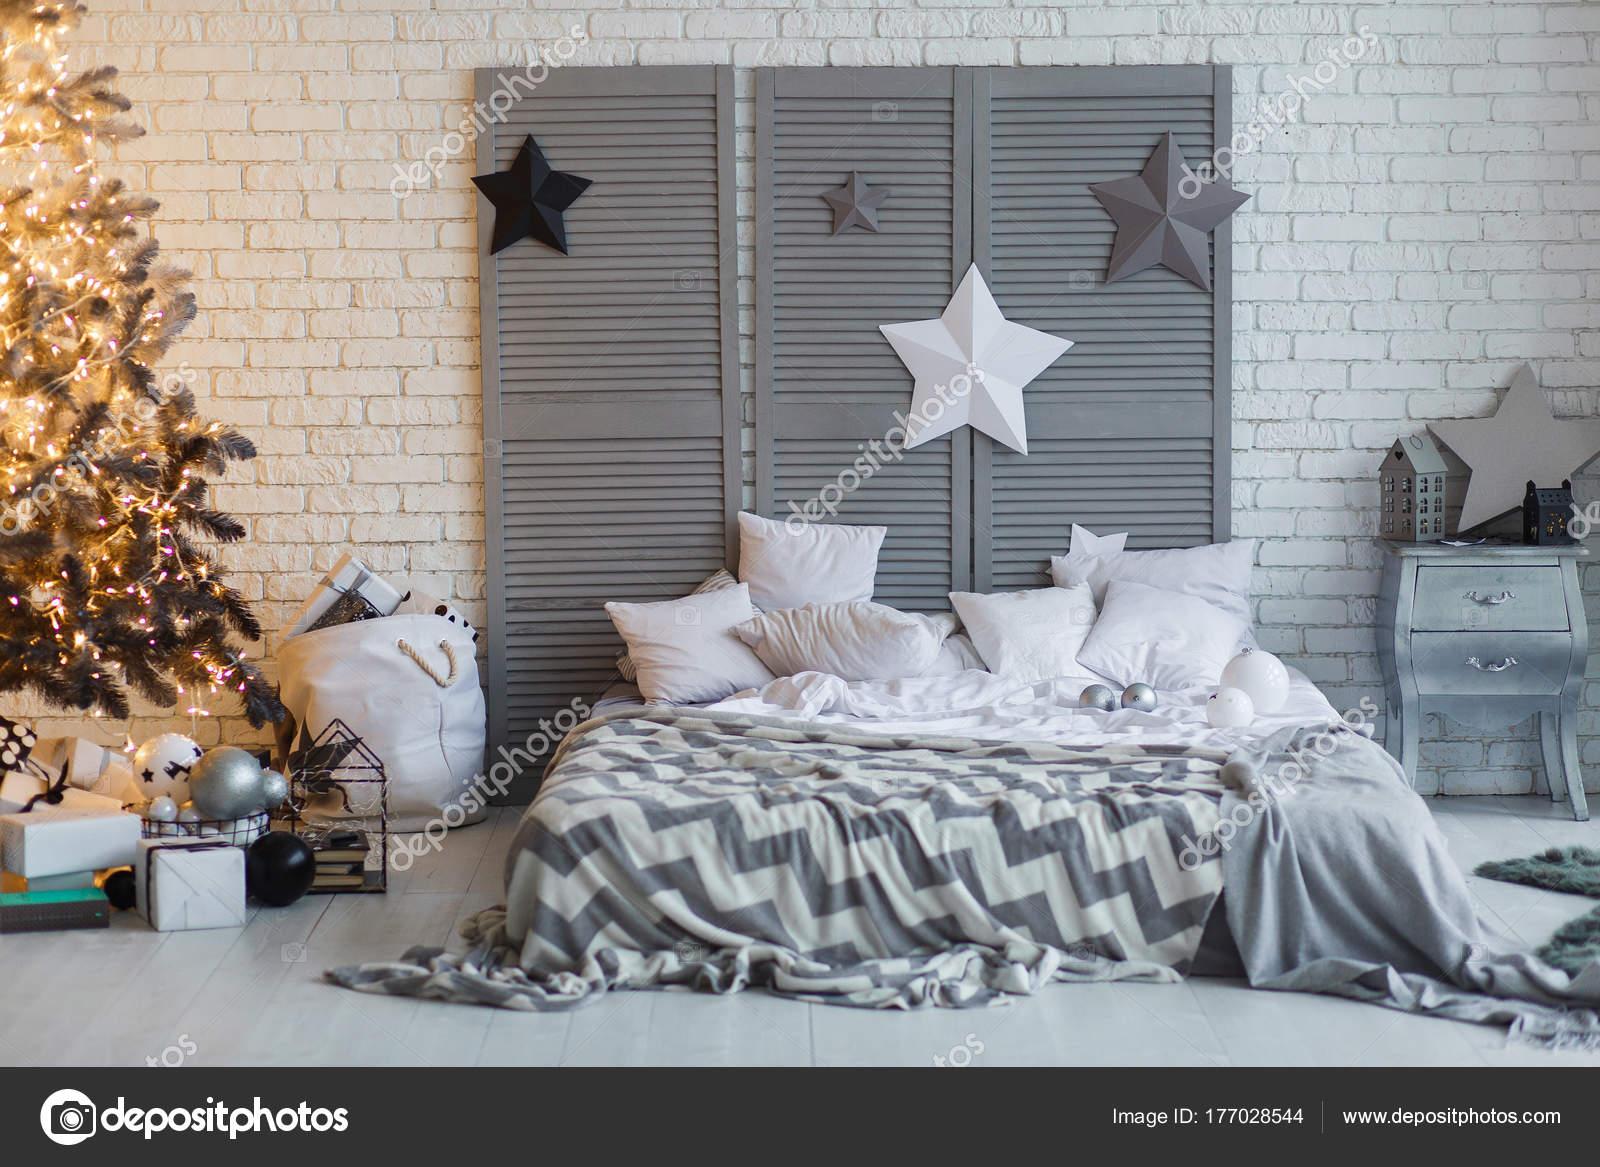 De slaapkamer ingericht voor kerstmis. gezellige grijze interieur